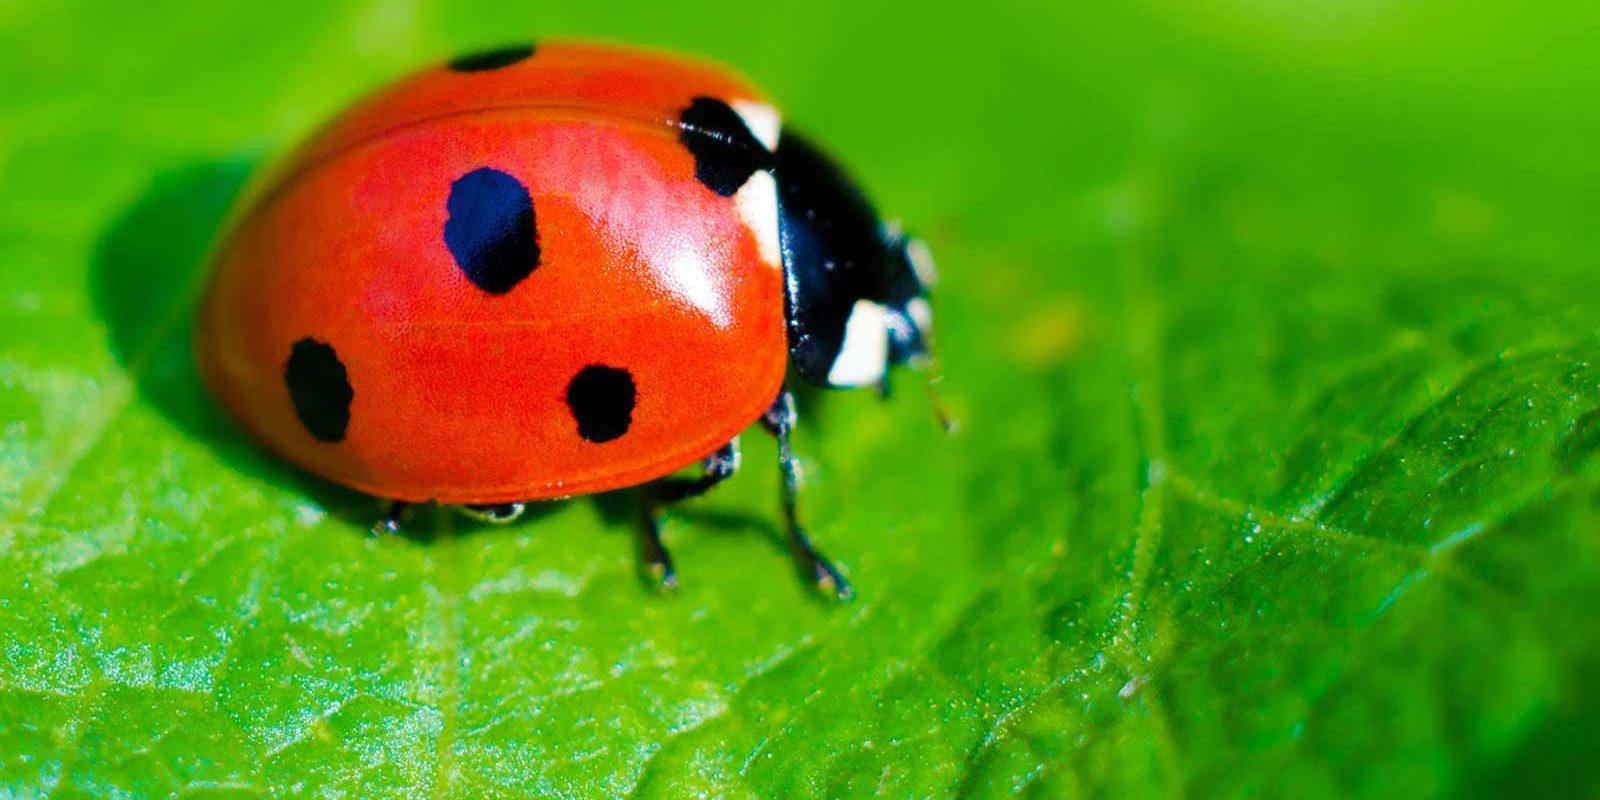 Ladybug-on-leaf